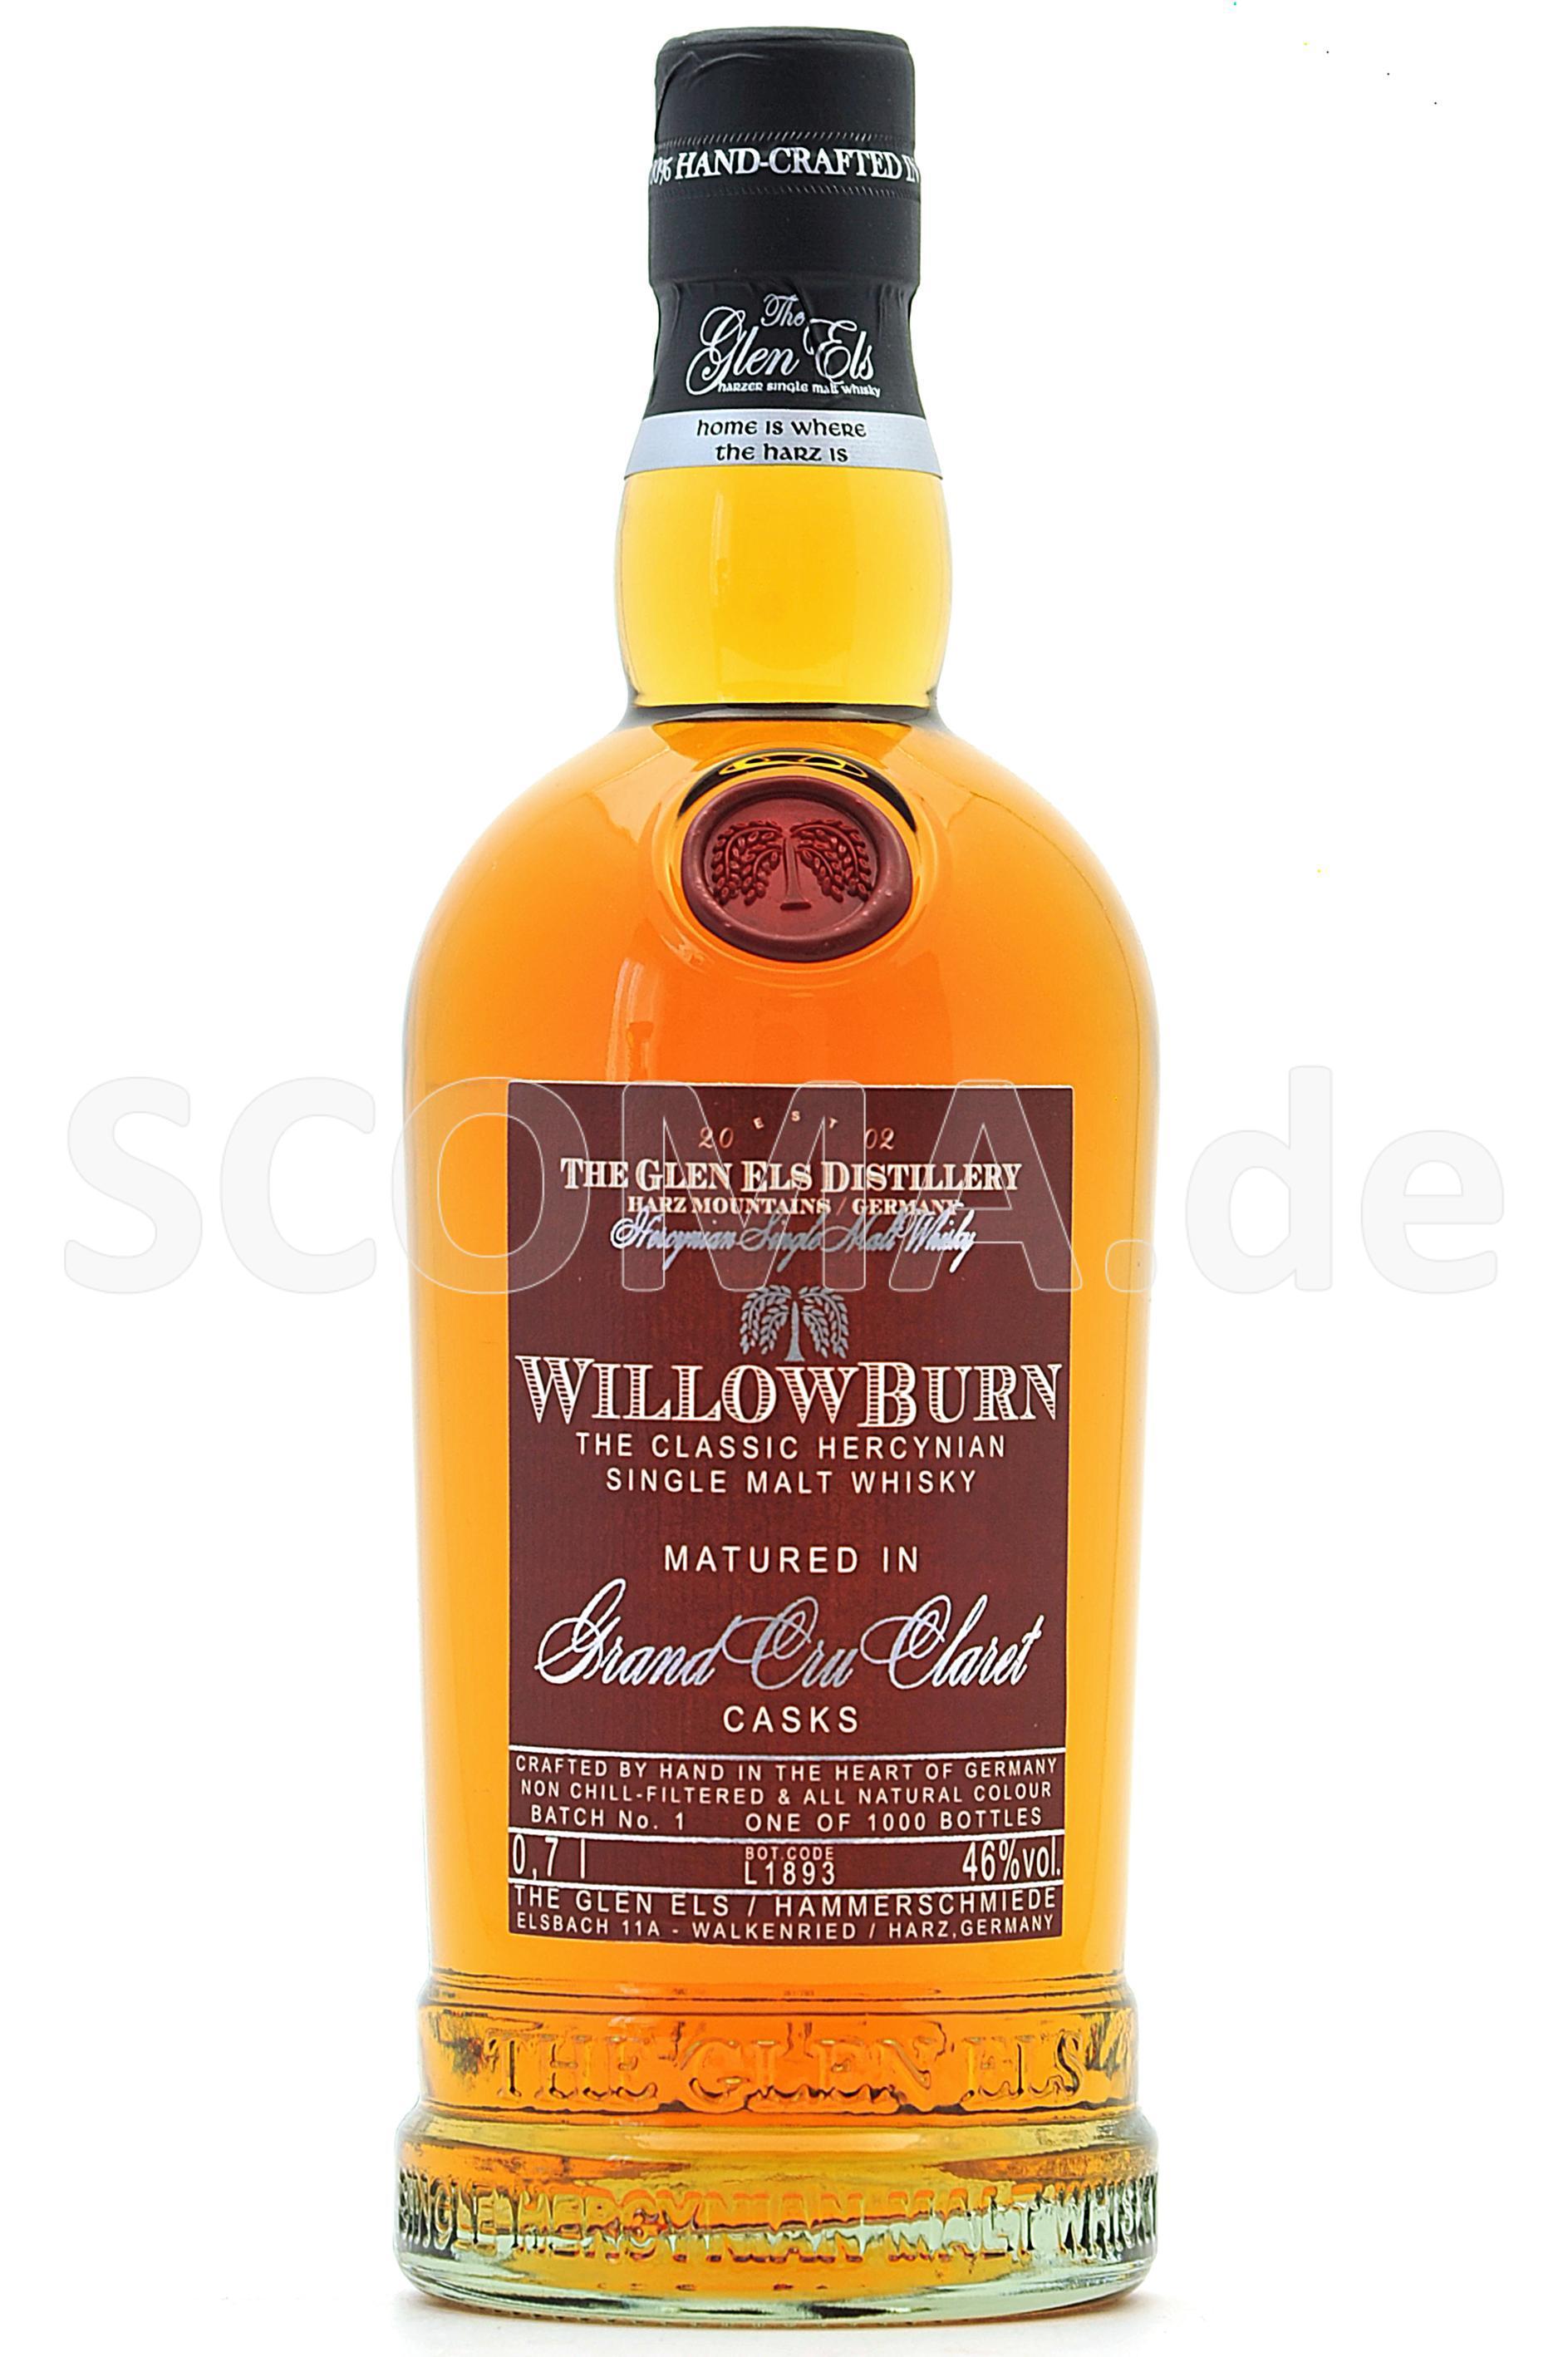 Willowburn Grand Cru Claret Ca...